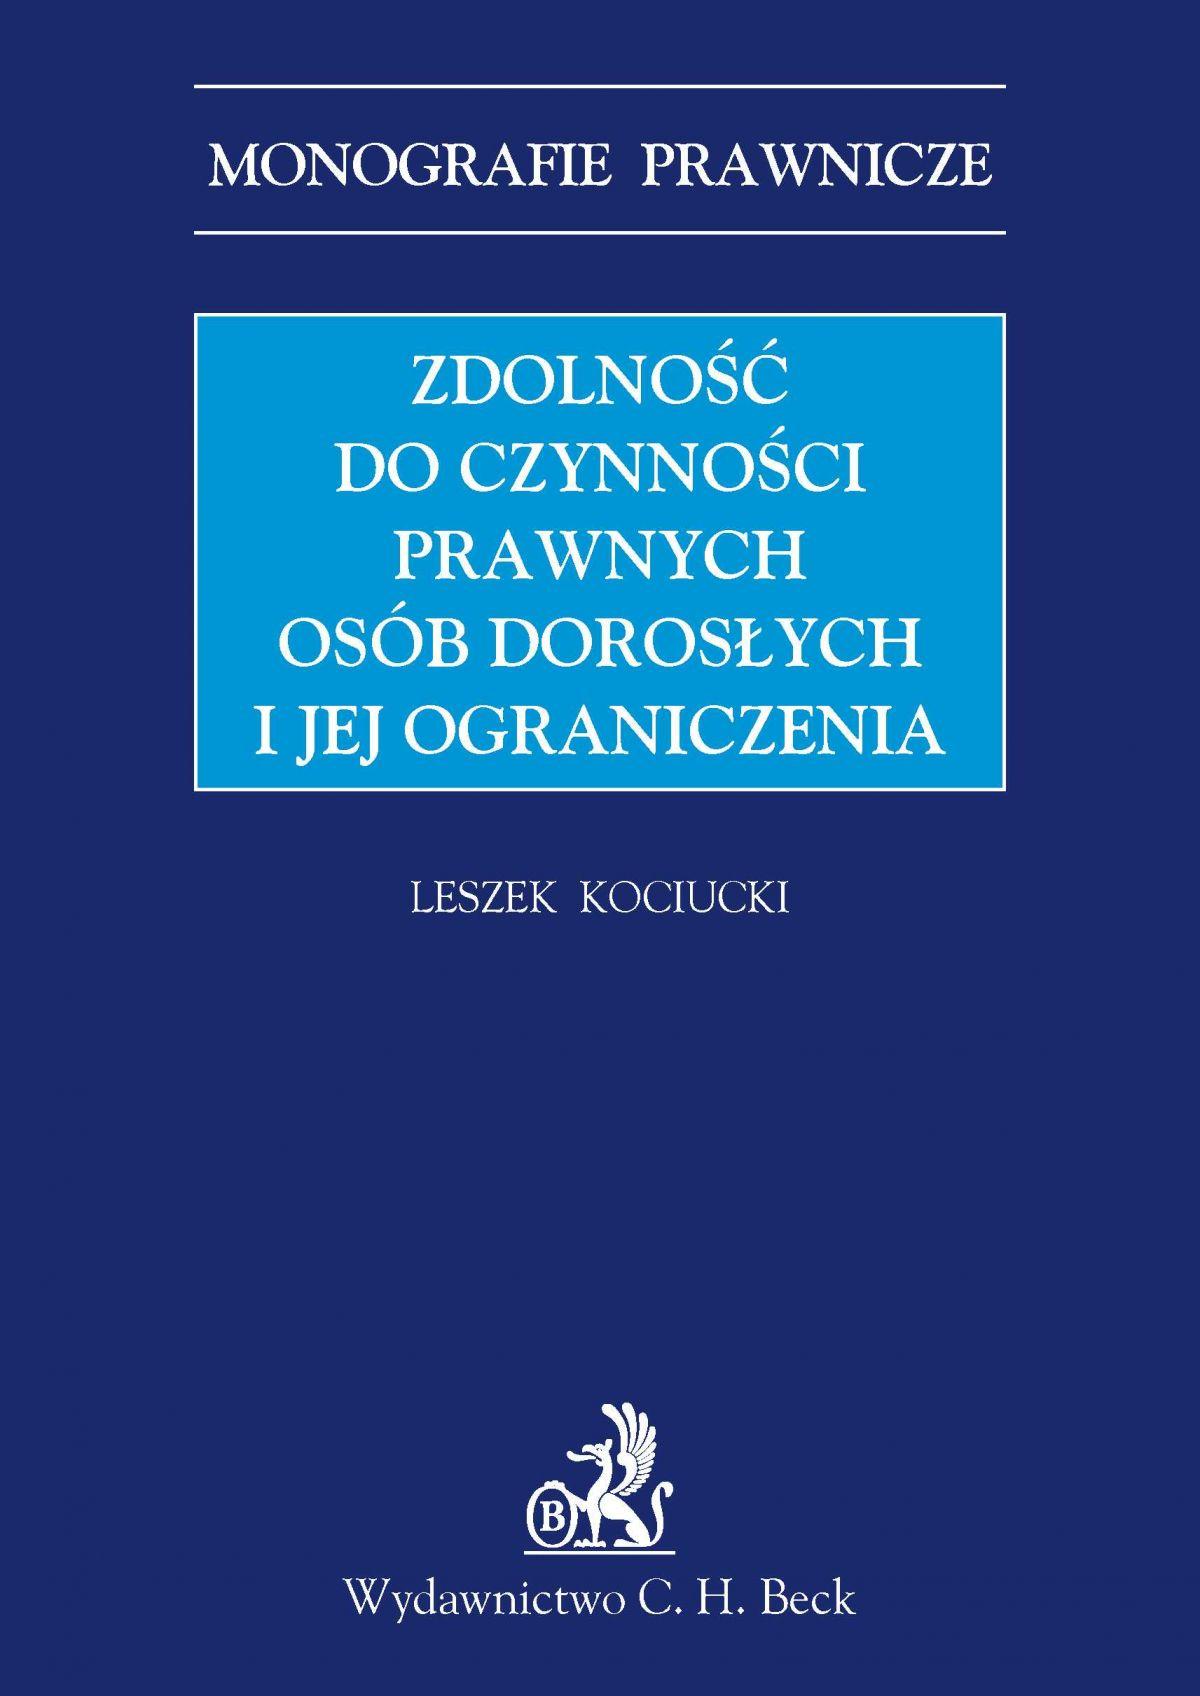 Zdolność do czynności prawnych osób dorosłych i jej ograniczenia - Ebook (Książka PDF) do pobrania w formacie PDF